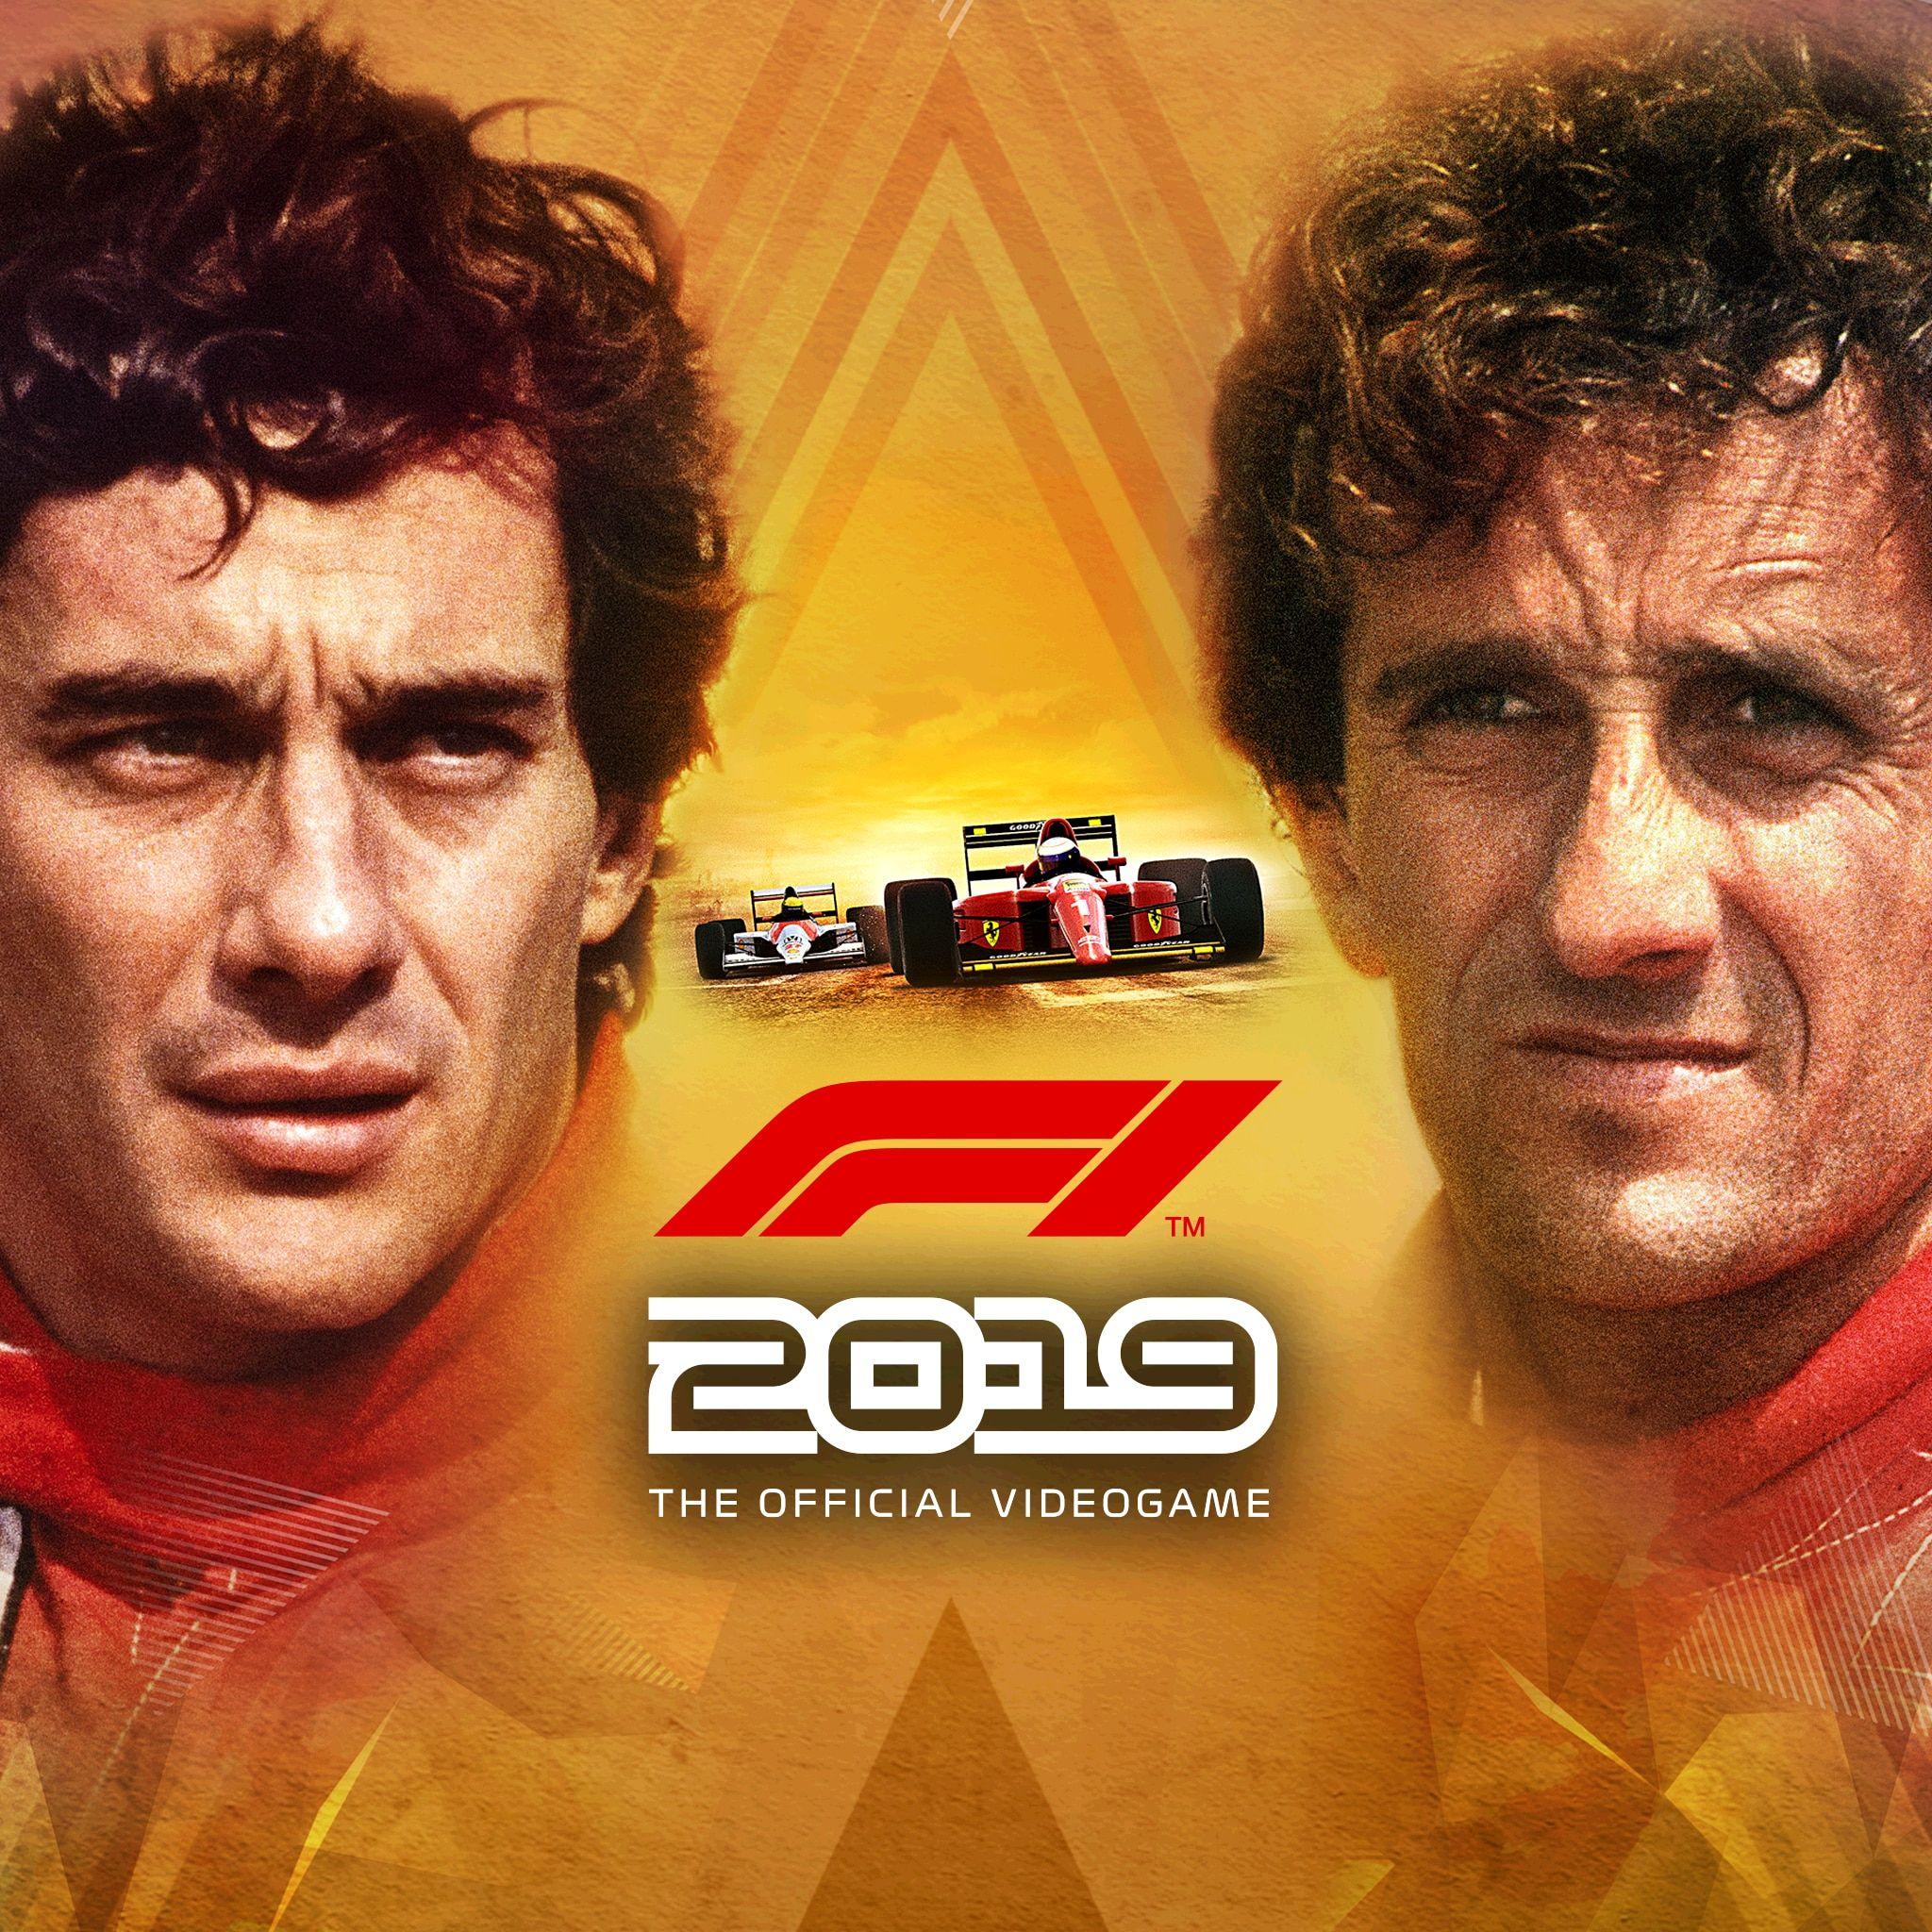 [Gold] F1 2019 Legends Edition Senna & Prost sur Xbox (Dématérialisé)